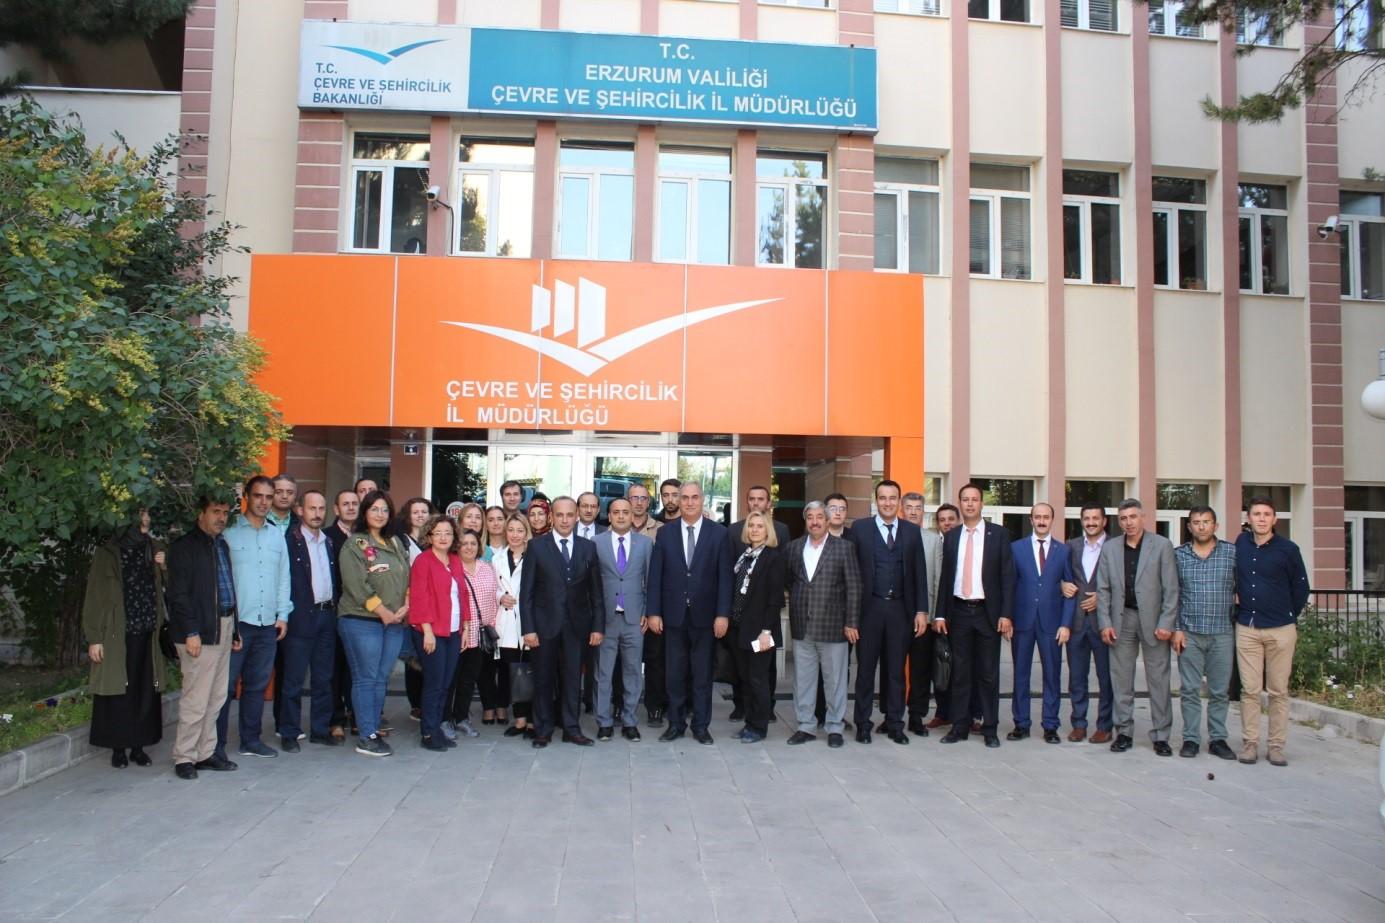 İl Müdürlükleri Bölgesel İstişare Toplantılarının beşincisi Erzurum Çevre ve Şehircilik İl Müdürlüğü'nde gerçekleştirildi.